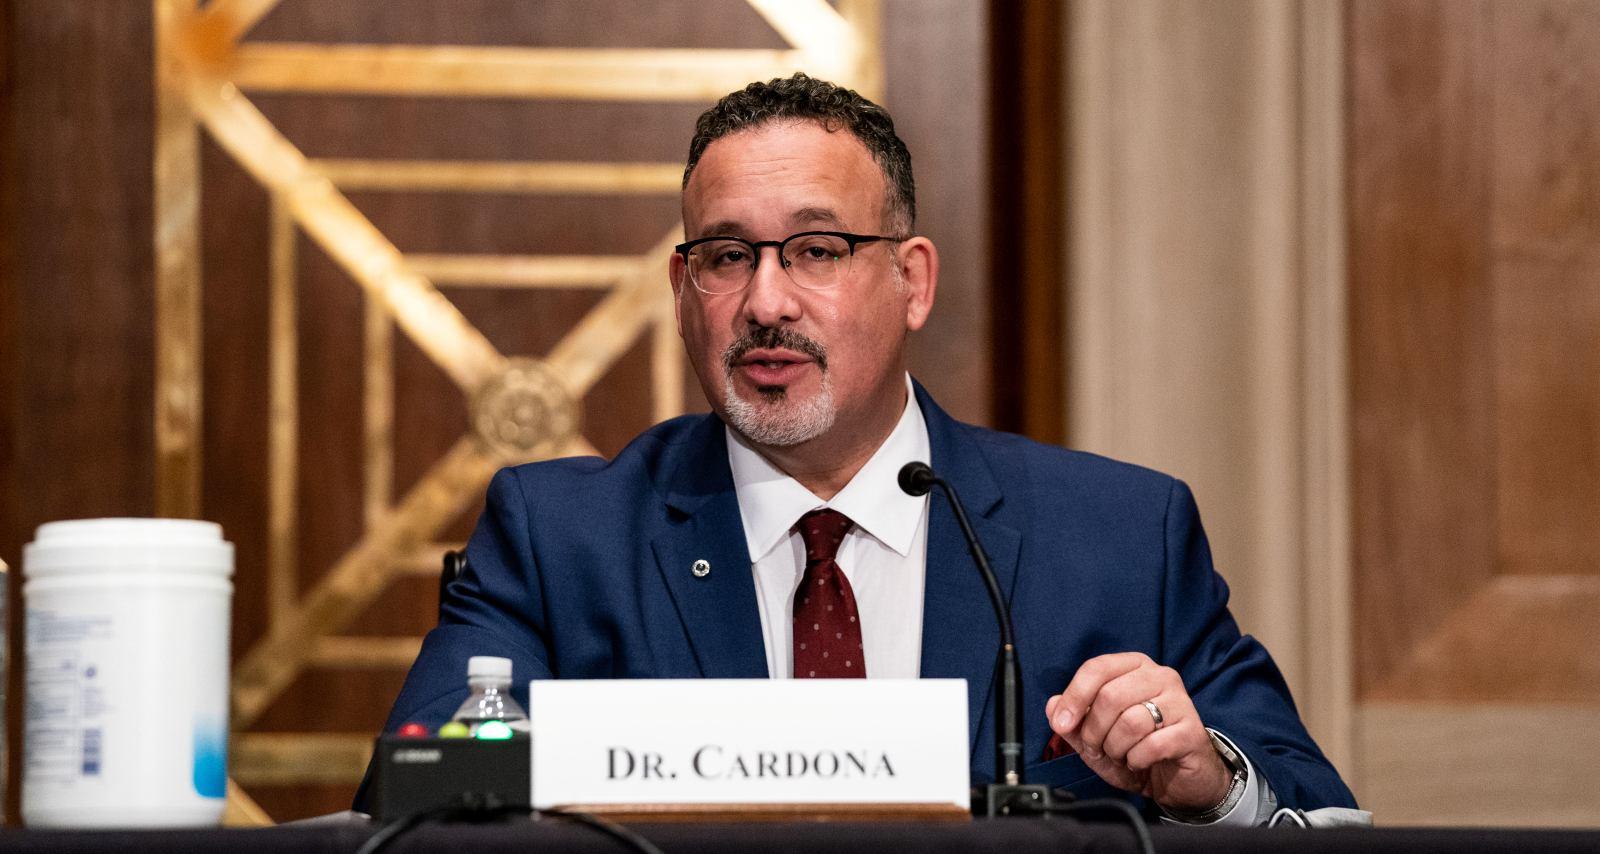 Miguel Cardona